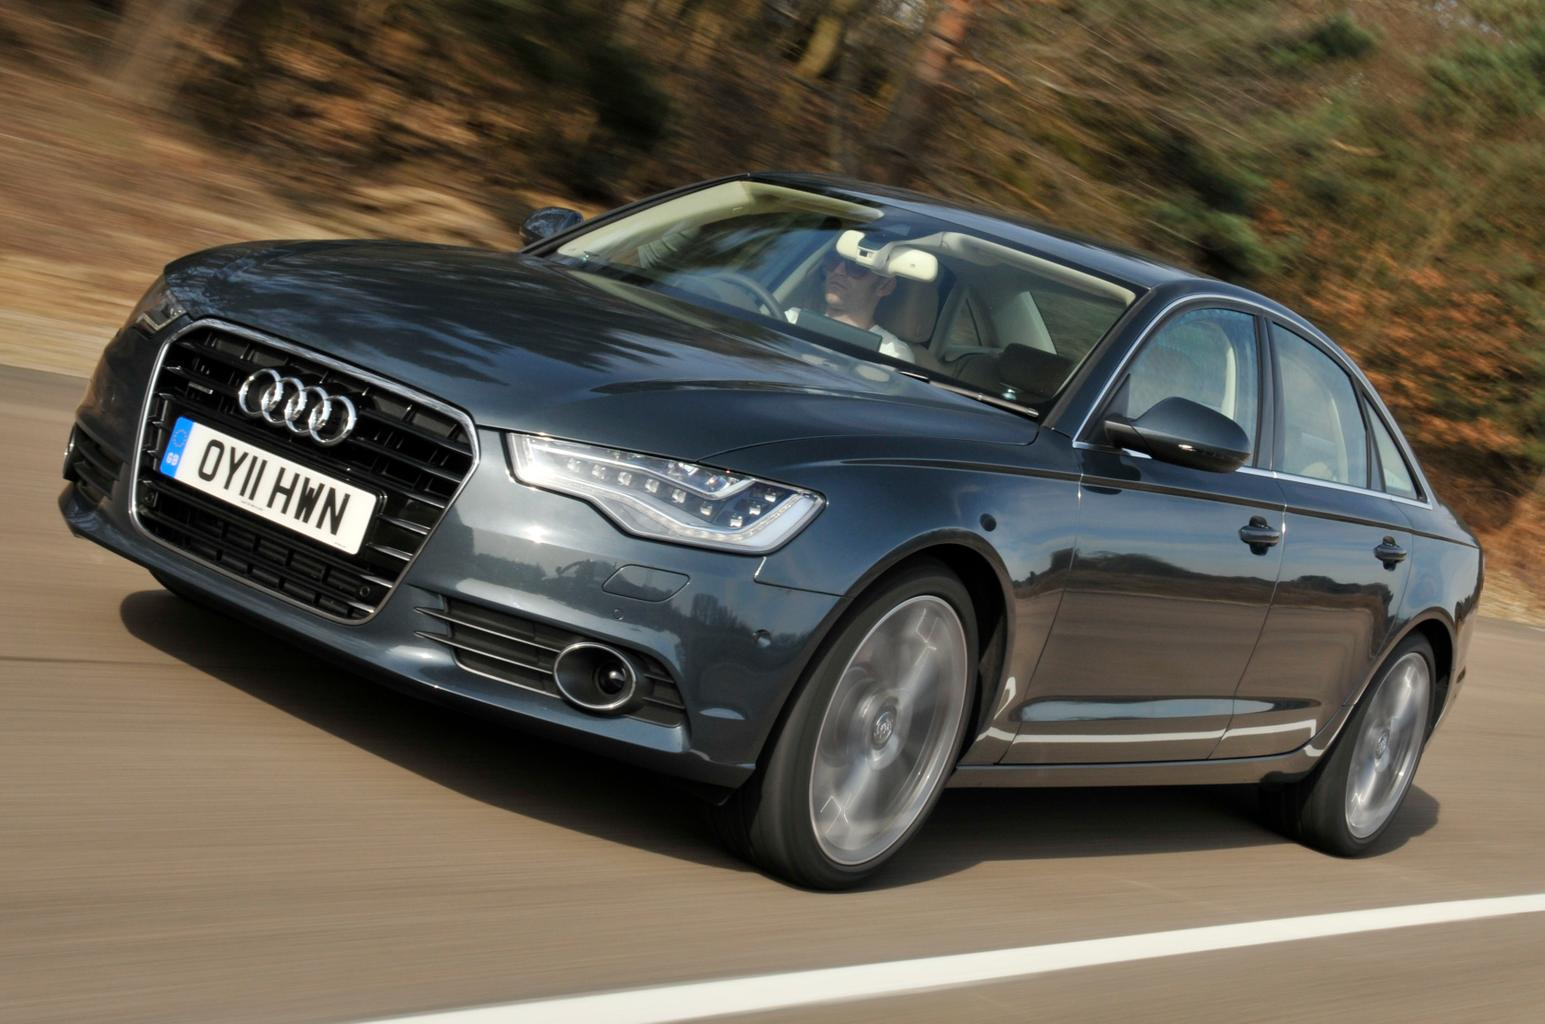 Used test: BMW 5 Series vs Audi A6 vs Mercedes E-Class vs Jaguar XF